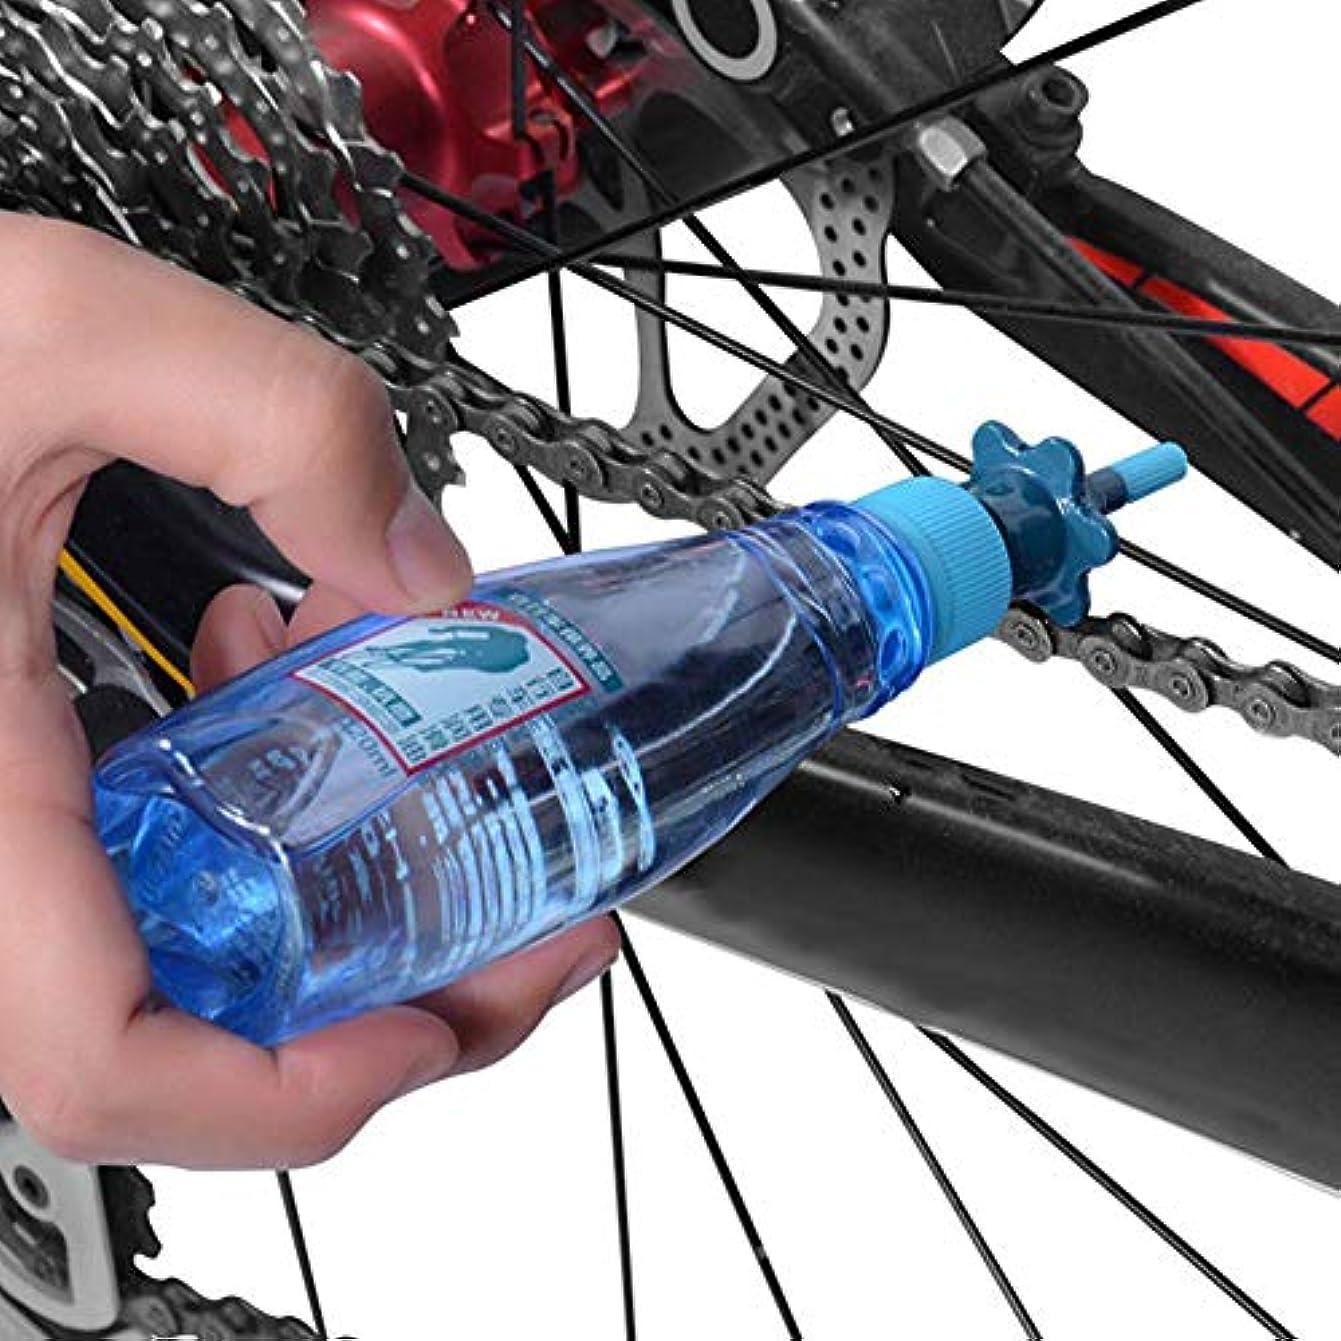 乱闘ブレイズコントローラ自転車 チェーン潤滑剤 サイクリング メンテナンス 潤滑油/チェーンルーブ 防塵 防錆